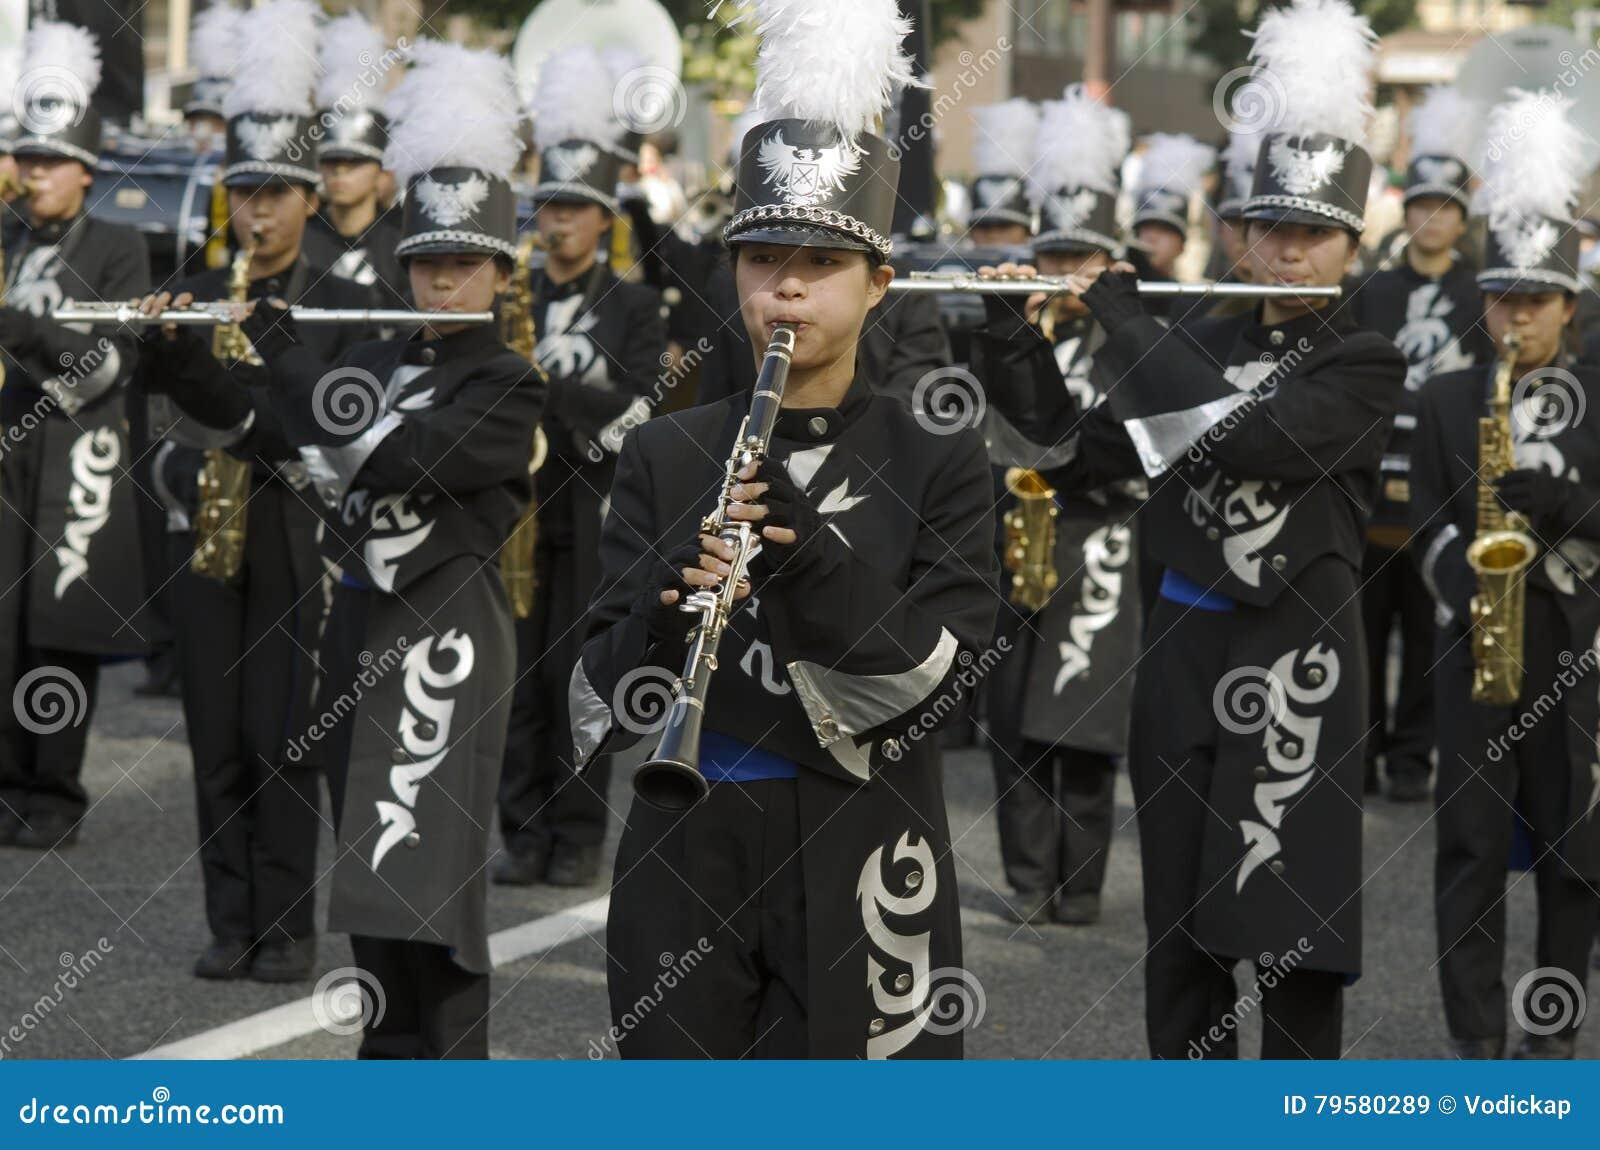 Μουσικοί στο φεστιβάλ του Νάγκουα, Ιαπωνία